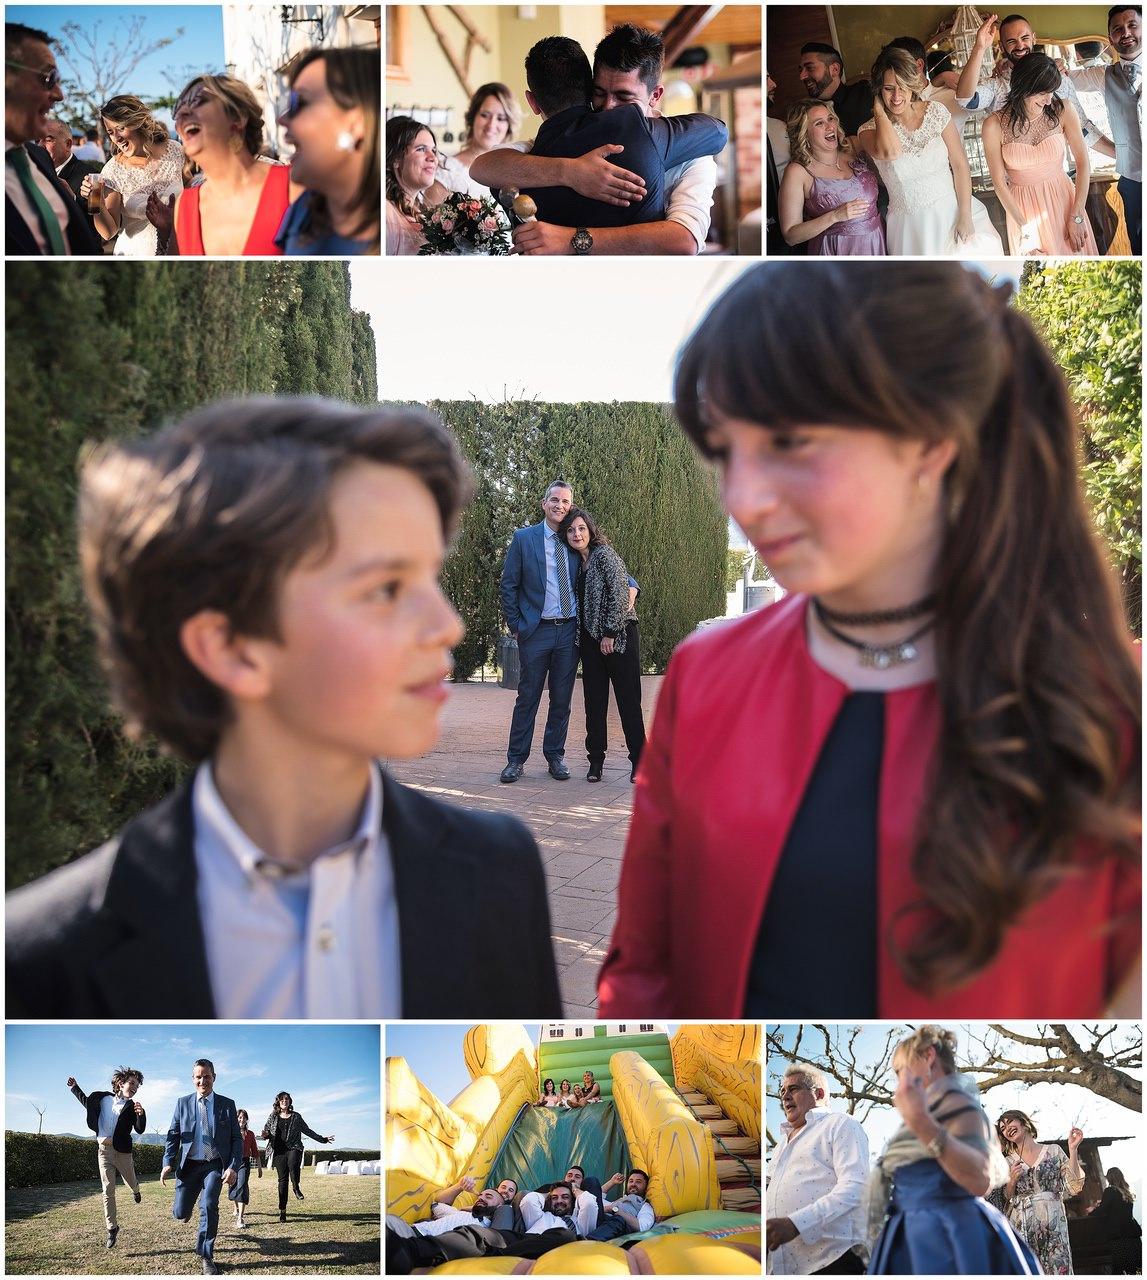 Fotógrafo de bodas en Alcoy, boda de estefy15